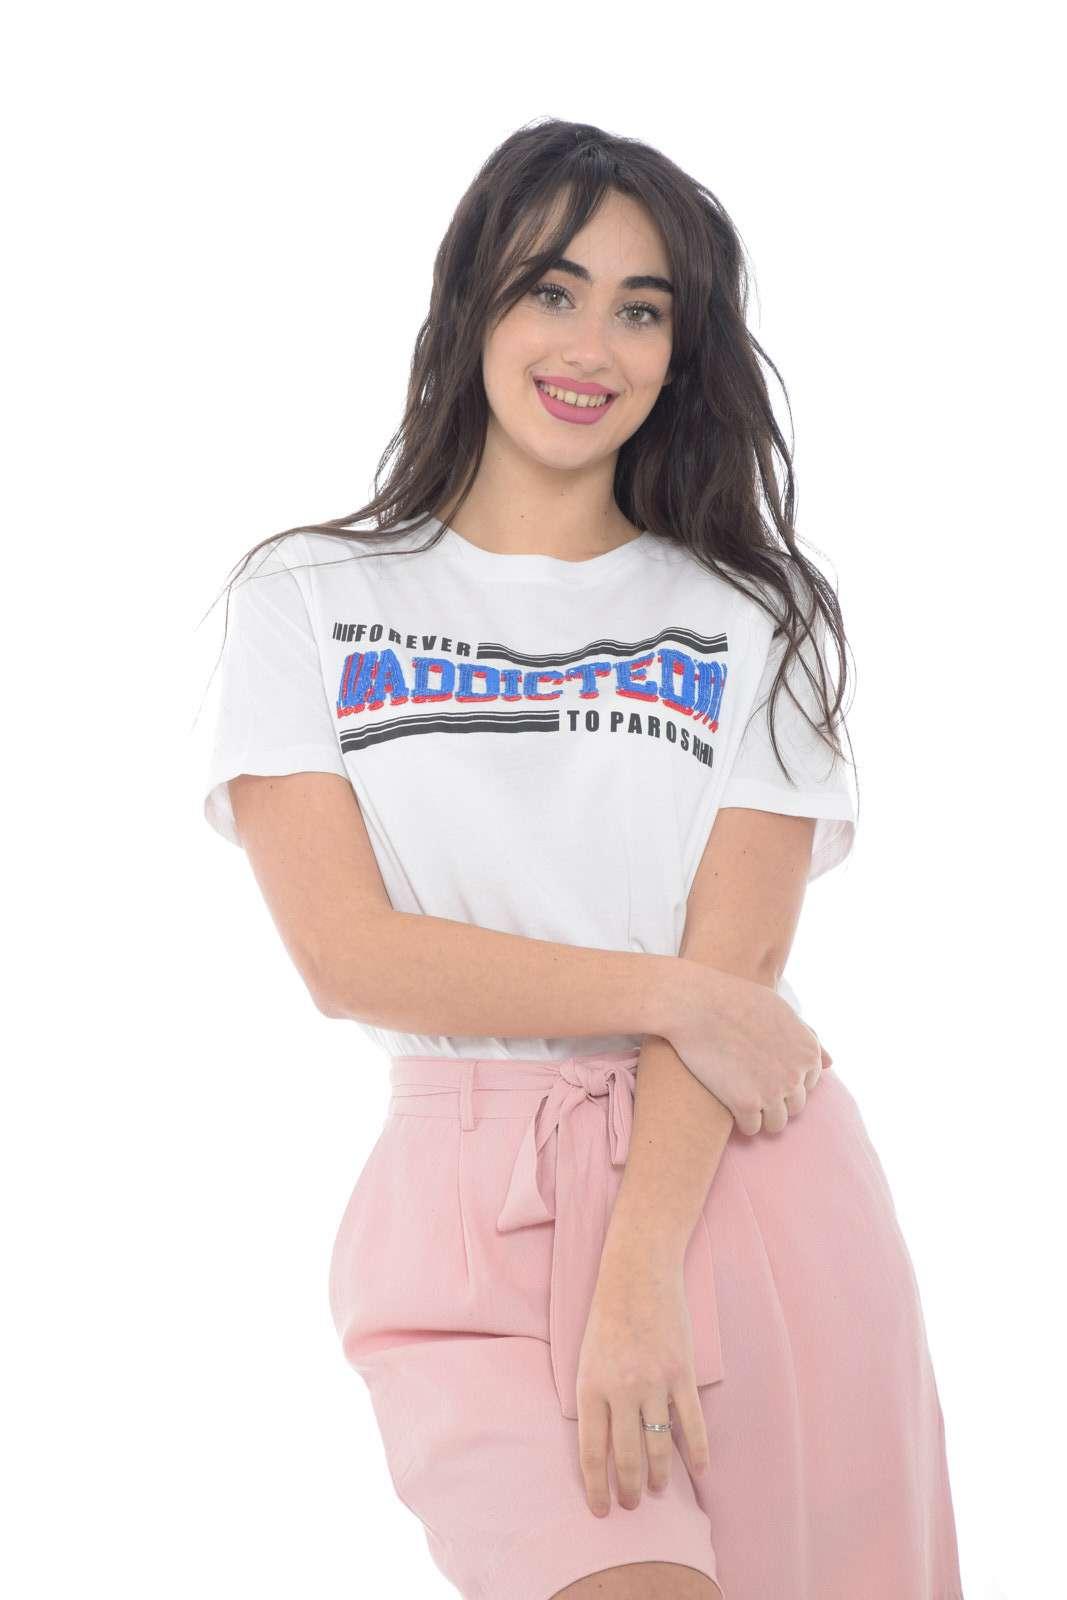 Un essential la T shirt donna firmata dalla nuova collezione Parosh. Da abbinare agli stili più glamour, si accompagna sia ad un paio di jeans che ad una gonna. Un capo essential della bella stagione.